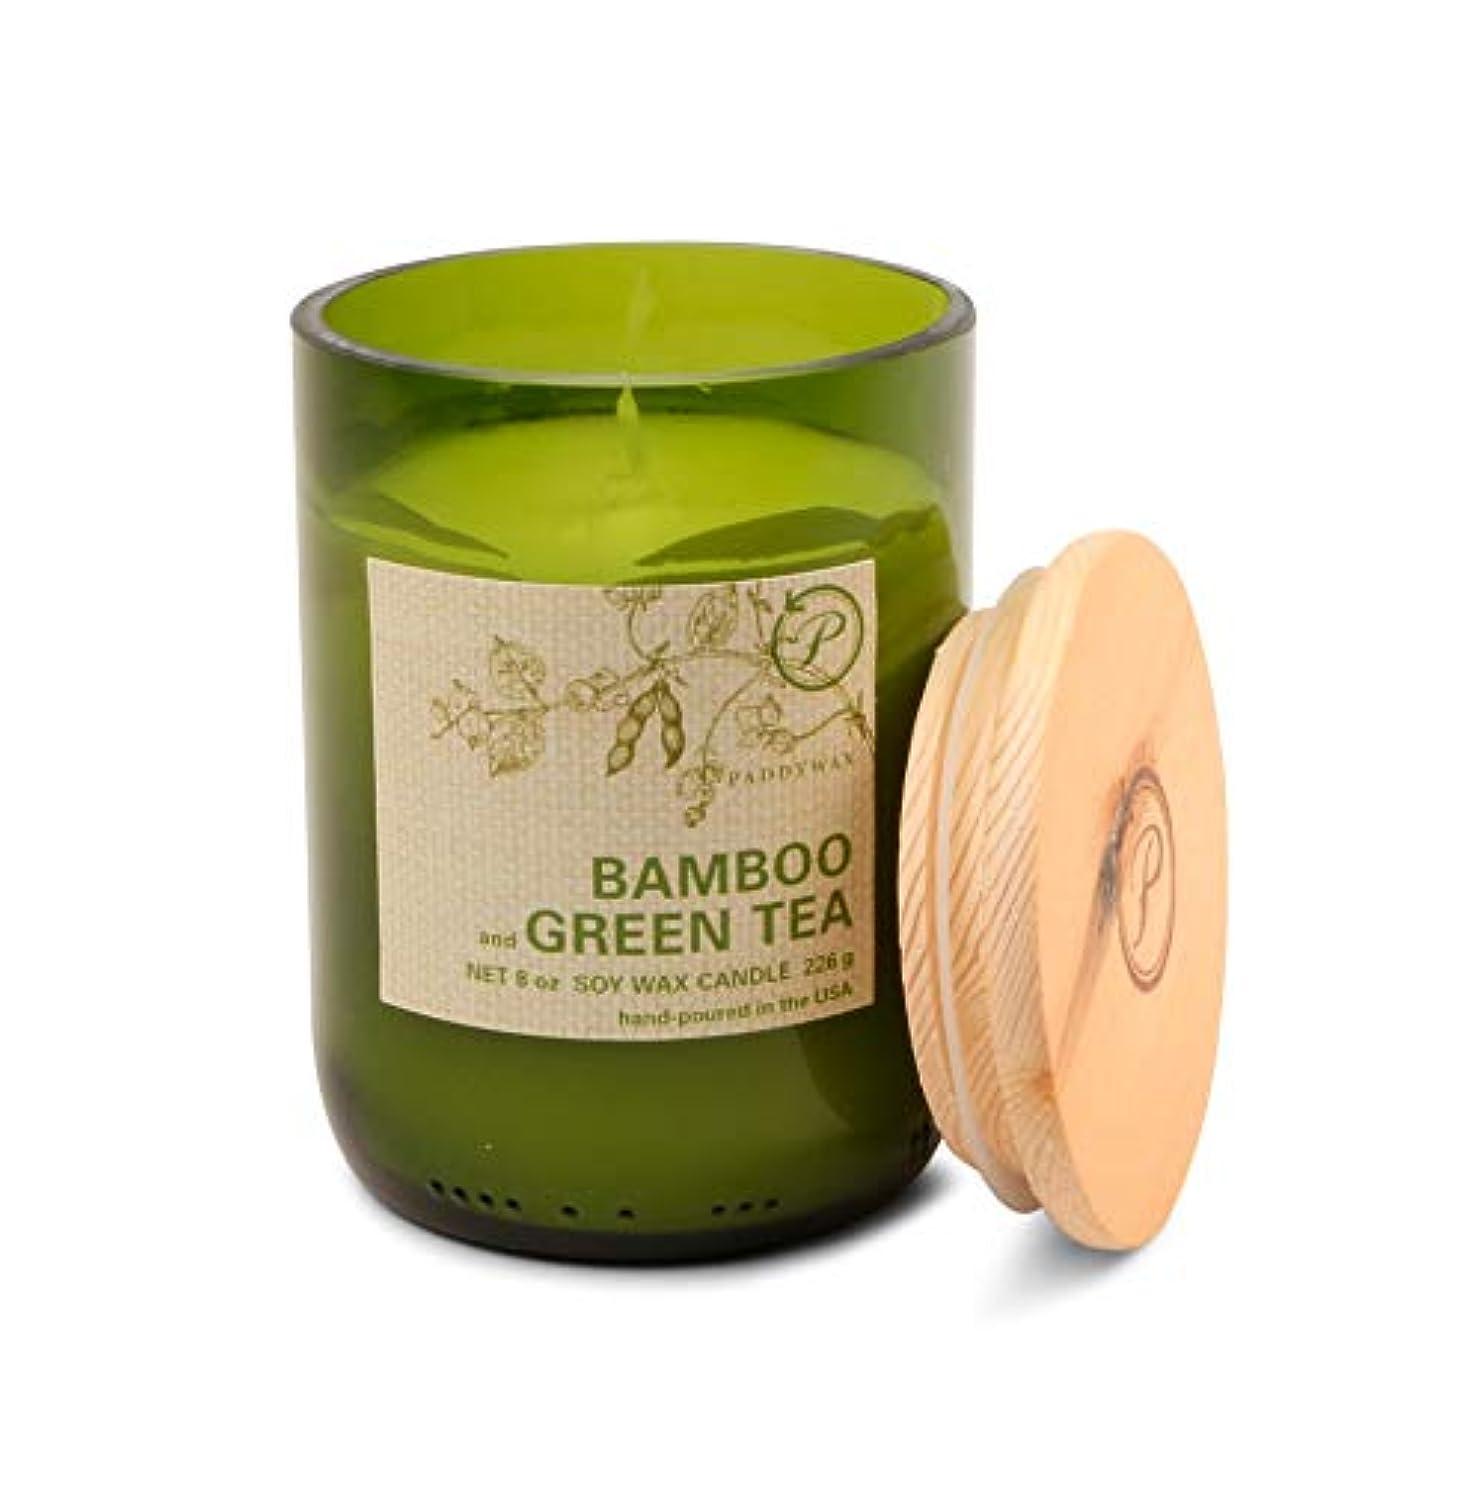 一生減少端パディワックス(PADDYWAX) エコ?グリーン キャンドル(ECO GREEN Candle) バンブー & グリーンティー(BAMBOO and GREEN TEA)